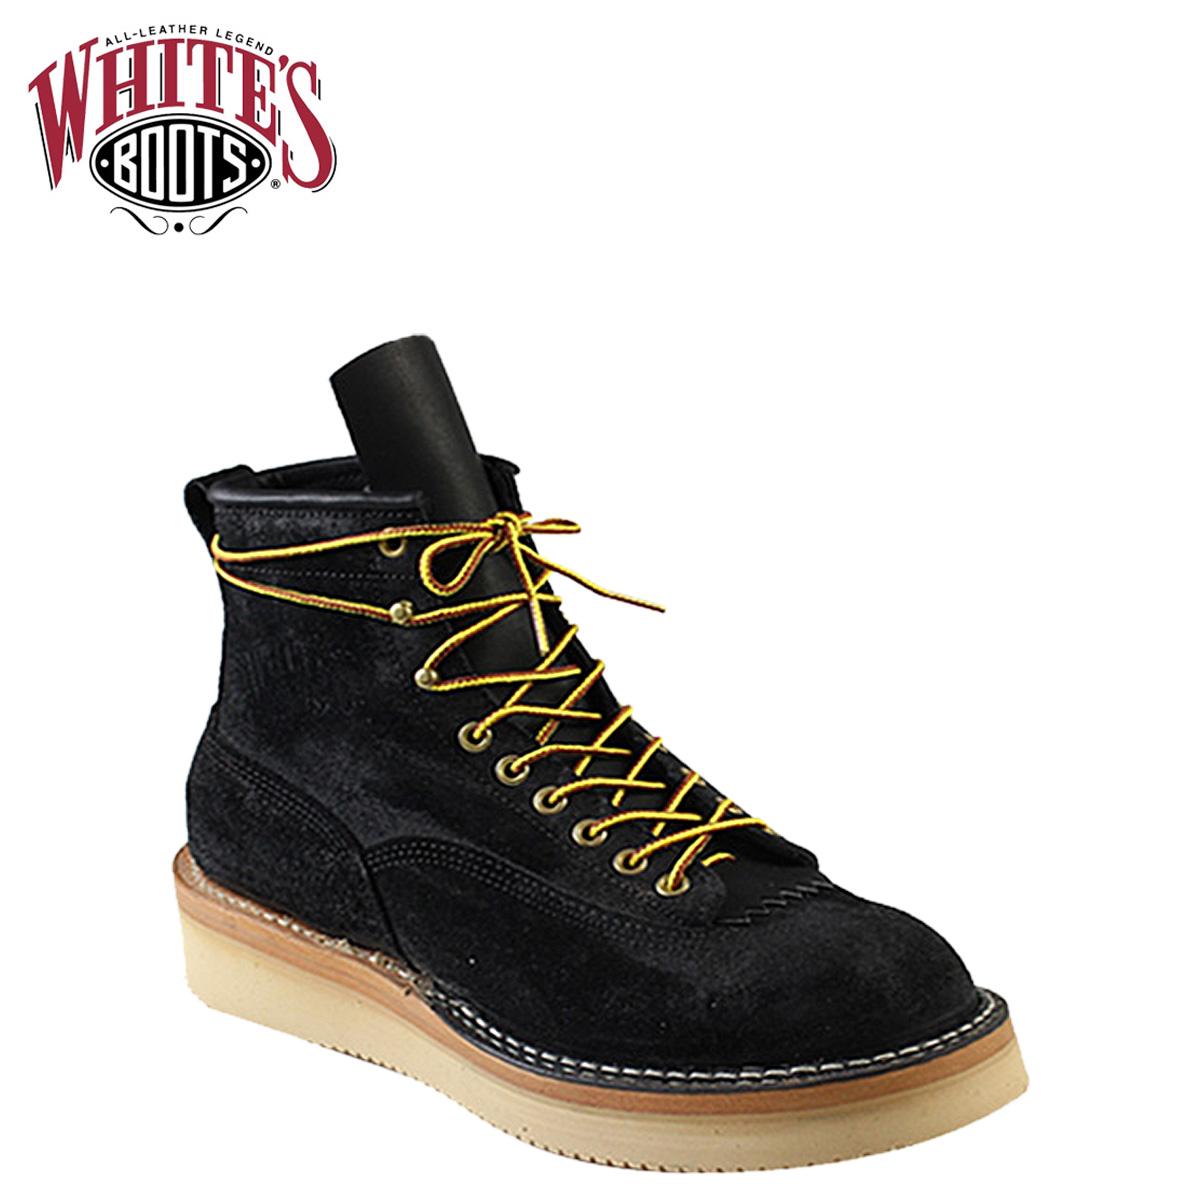 点双白人靴子白色的靴子 6 寸西北 [黑色] 6 寸 6 寸北西黑粗出 E 明智黑色 ROUGHOUT 男装 350NWCROLTT06 白人西北靴